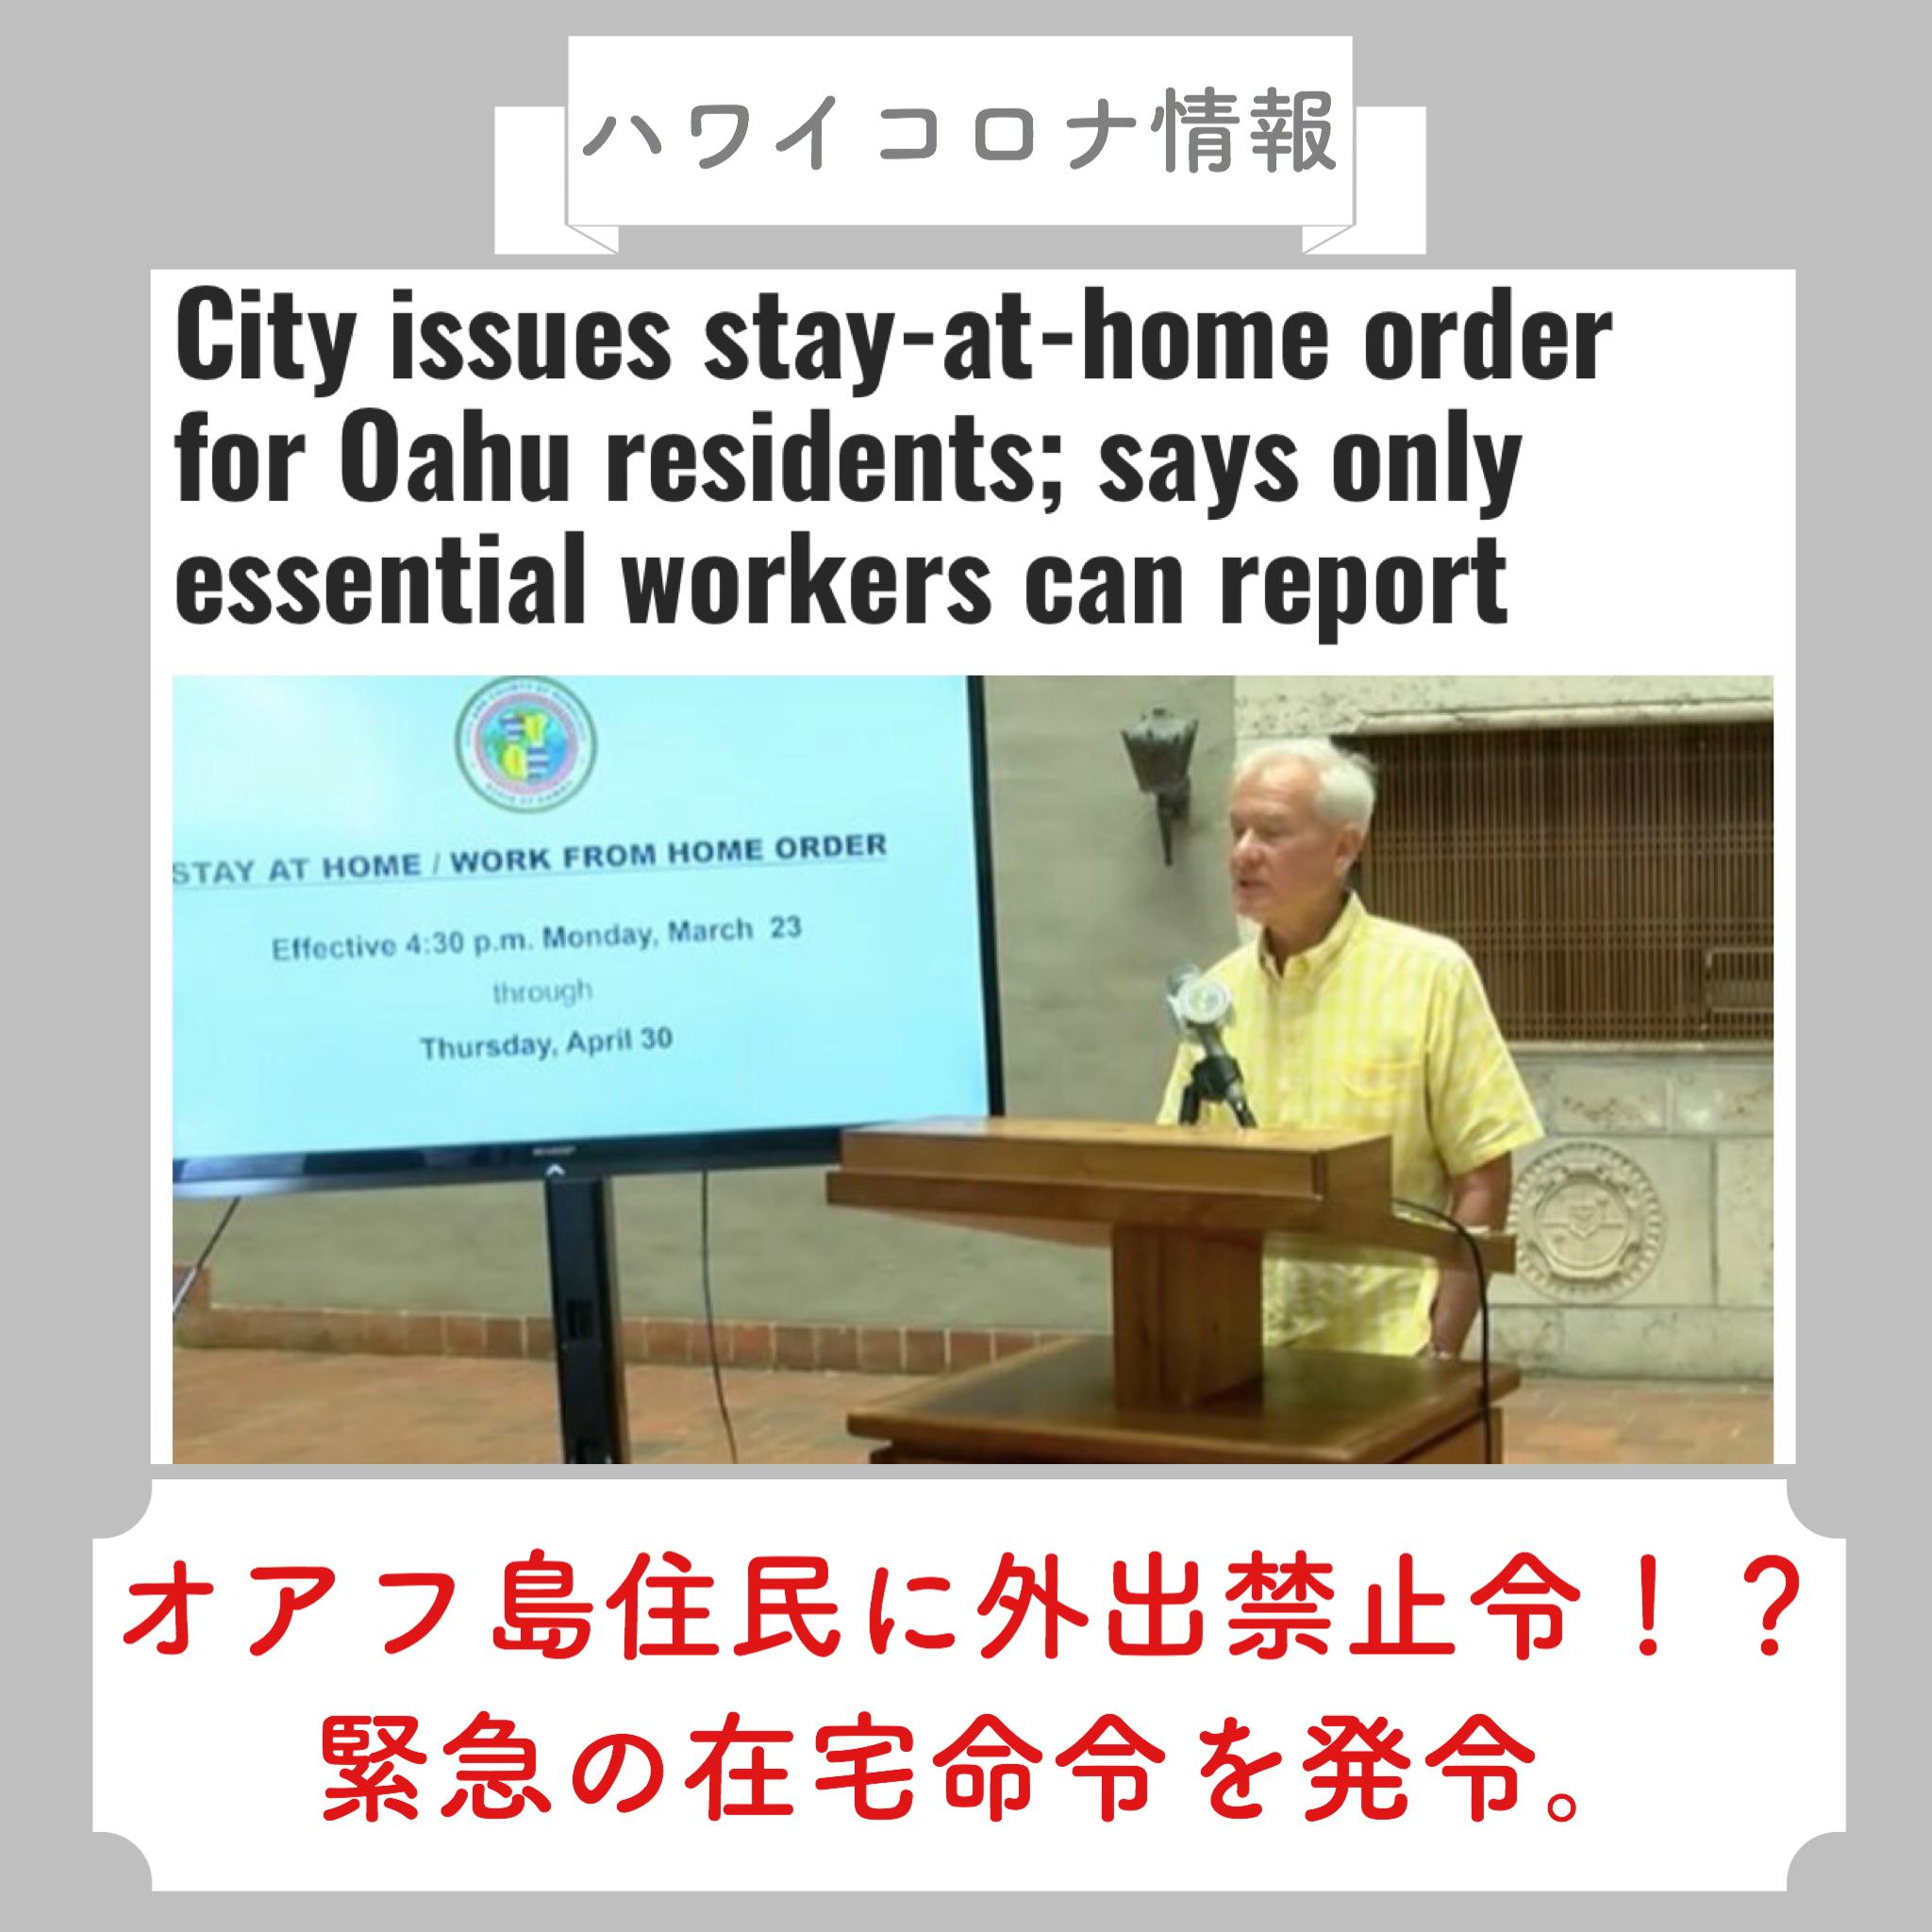 【ハワイコロナ情報】オアフ島住民に外出禁止令?緊急の在宅命令を発令